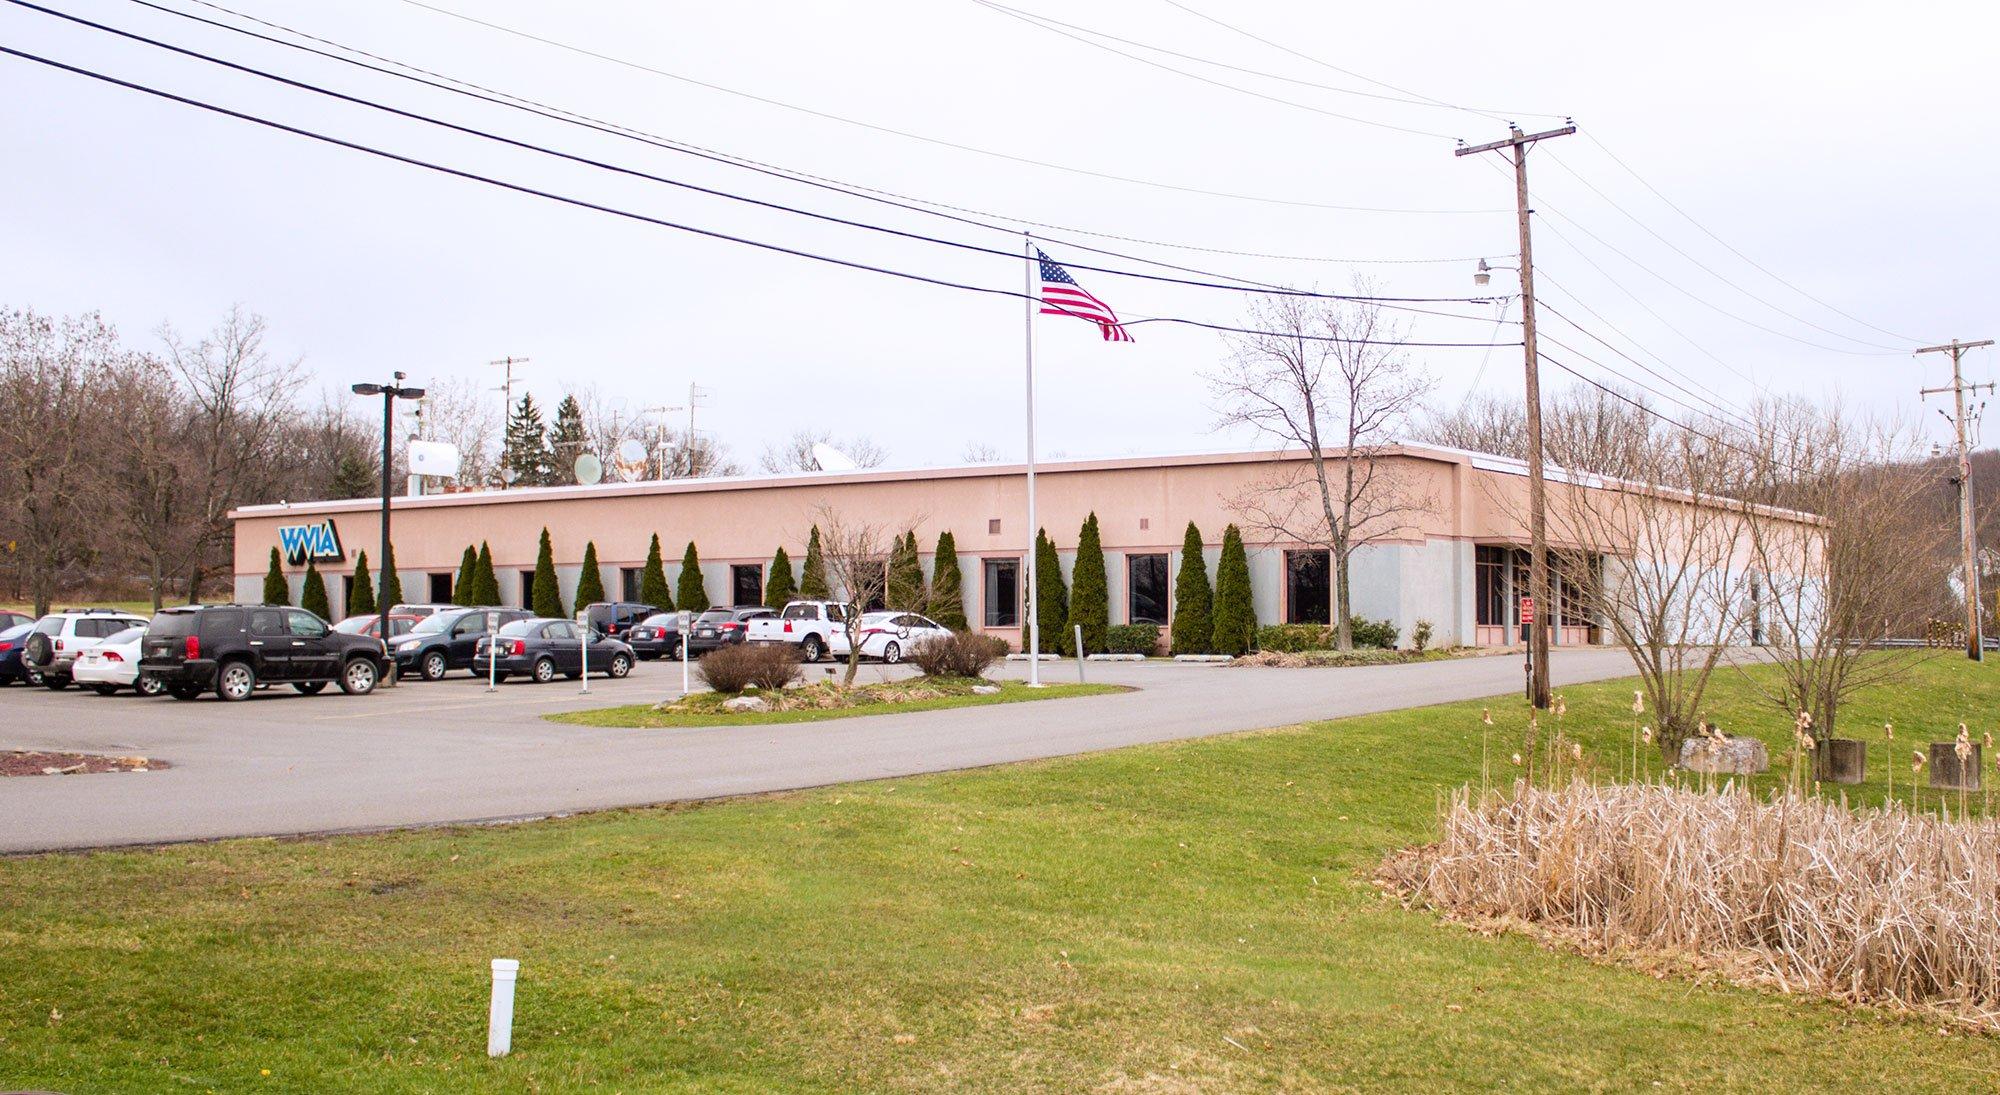 WVIA Facility